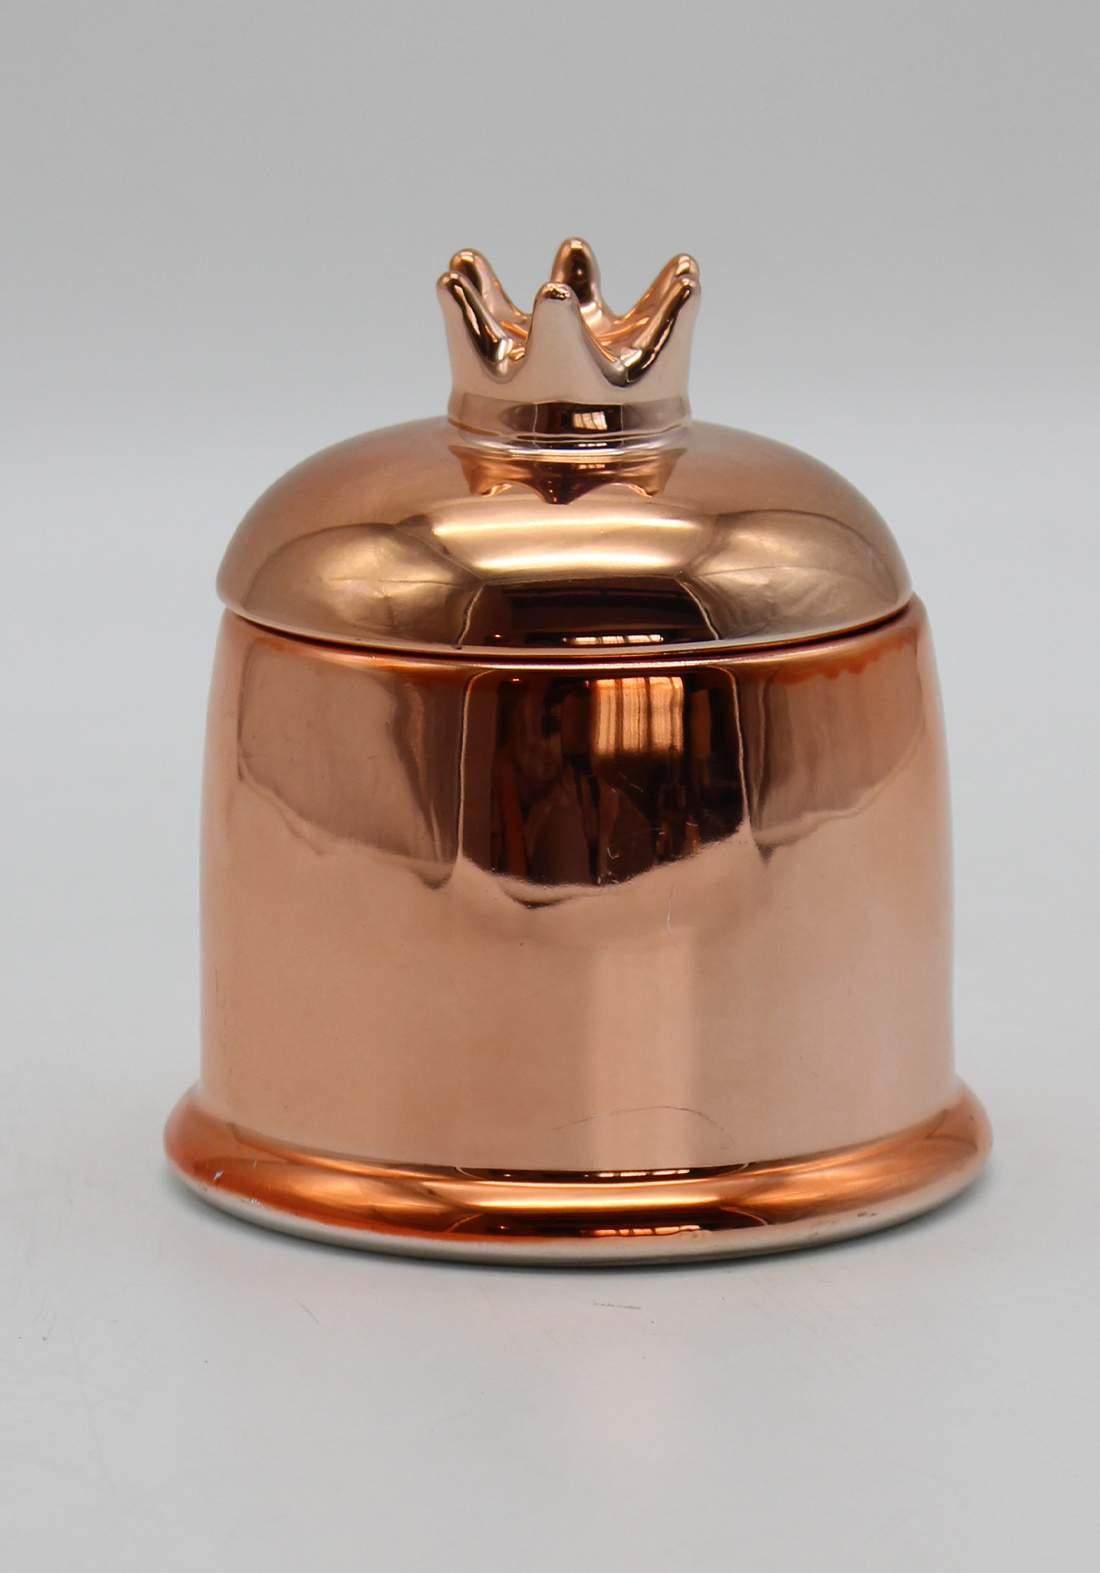 شمع معطر غلاف علبة شكل نجمة-Bronze